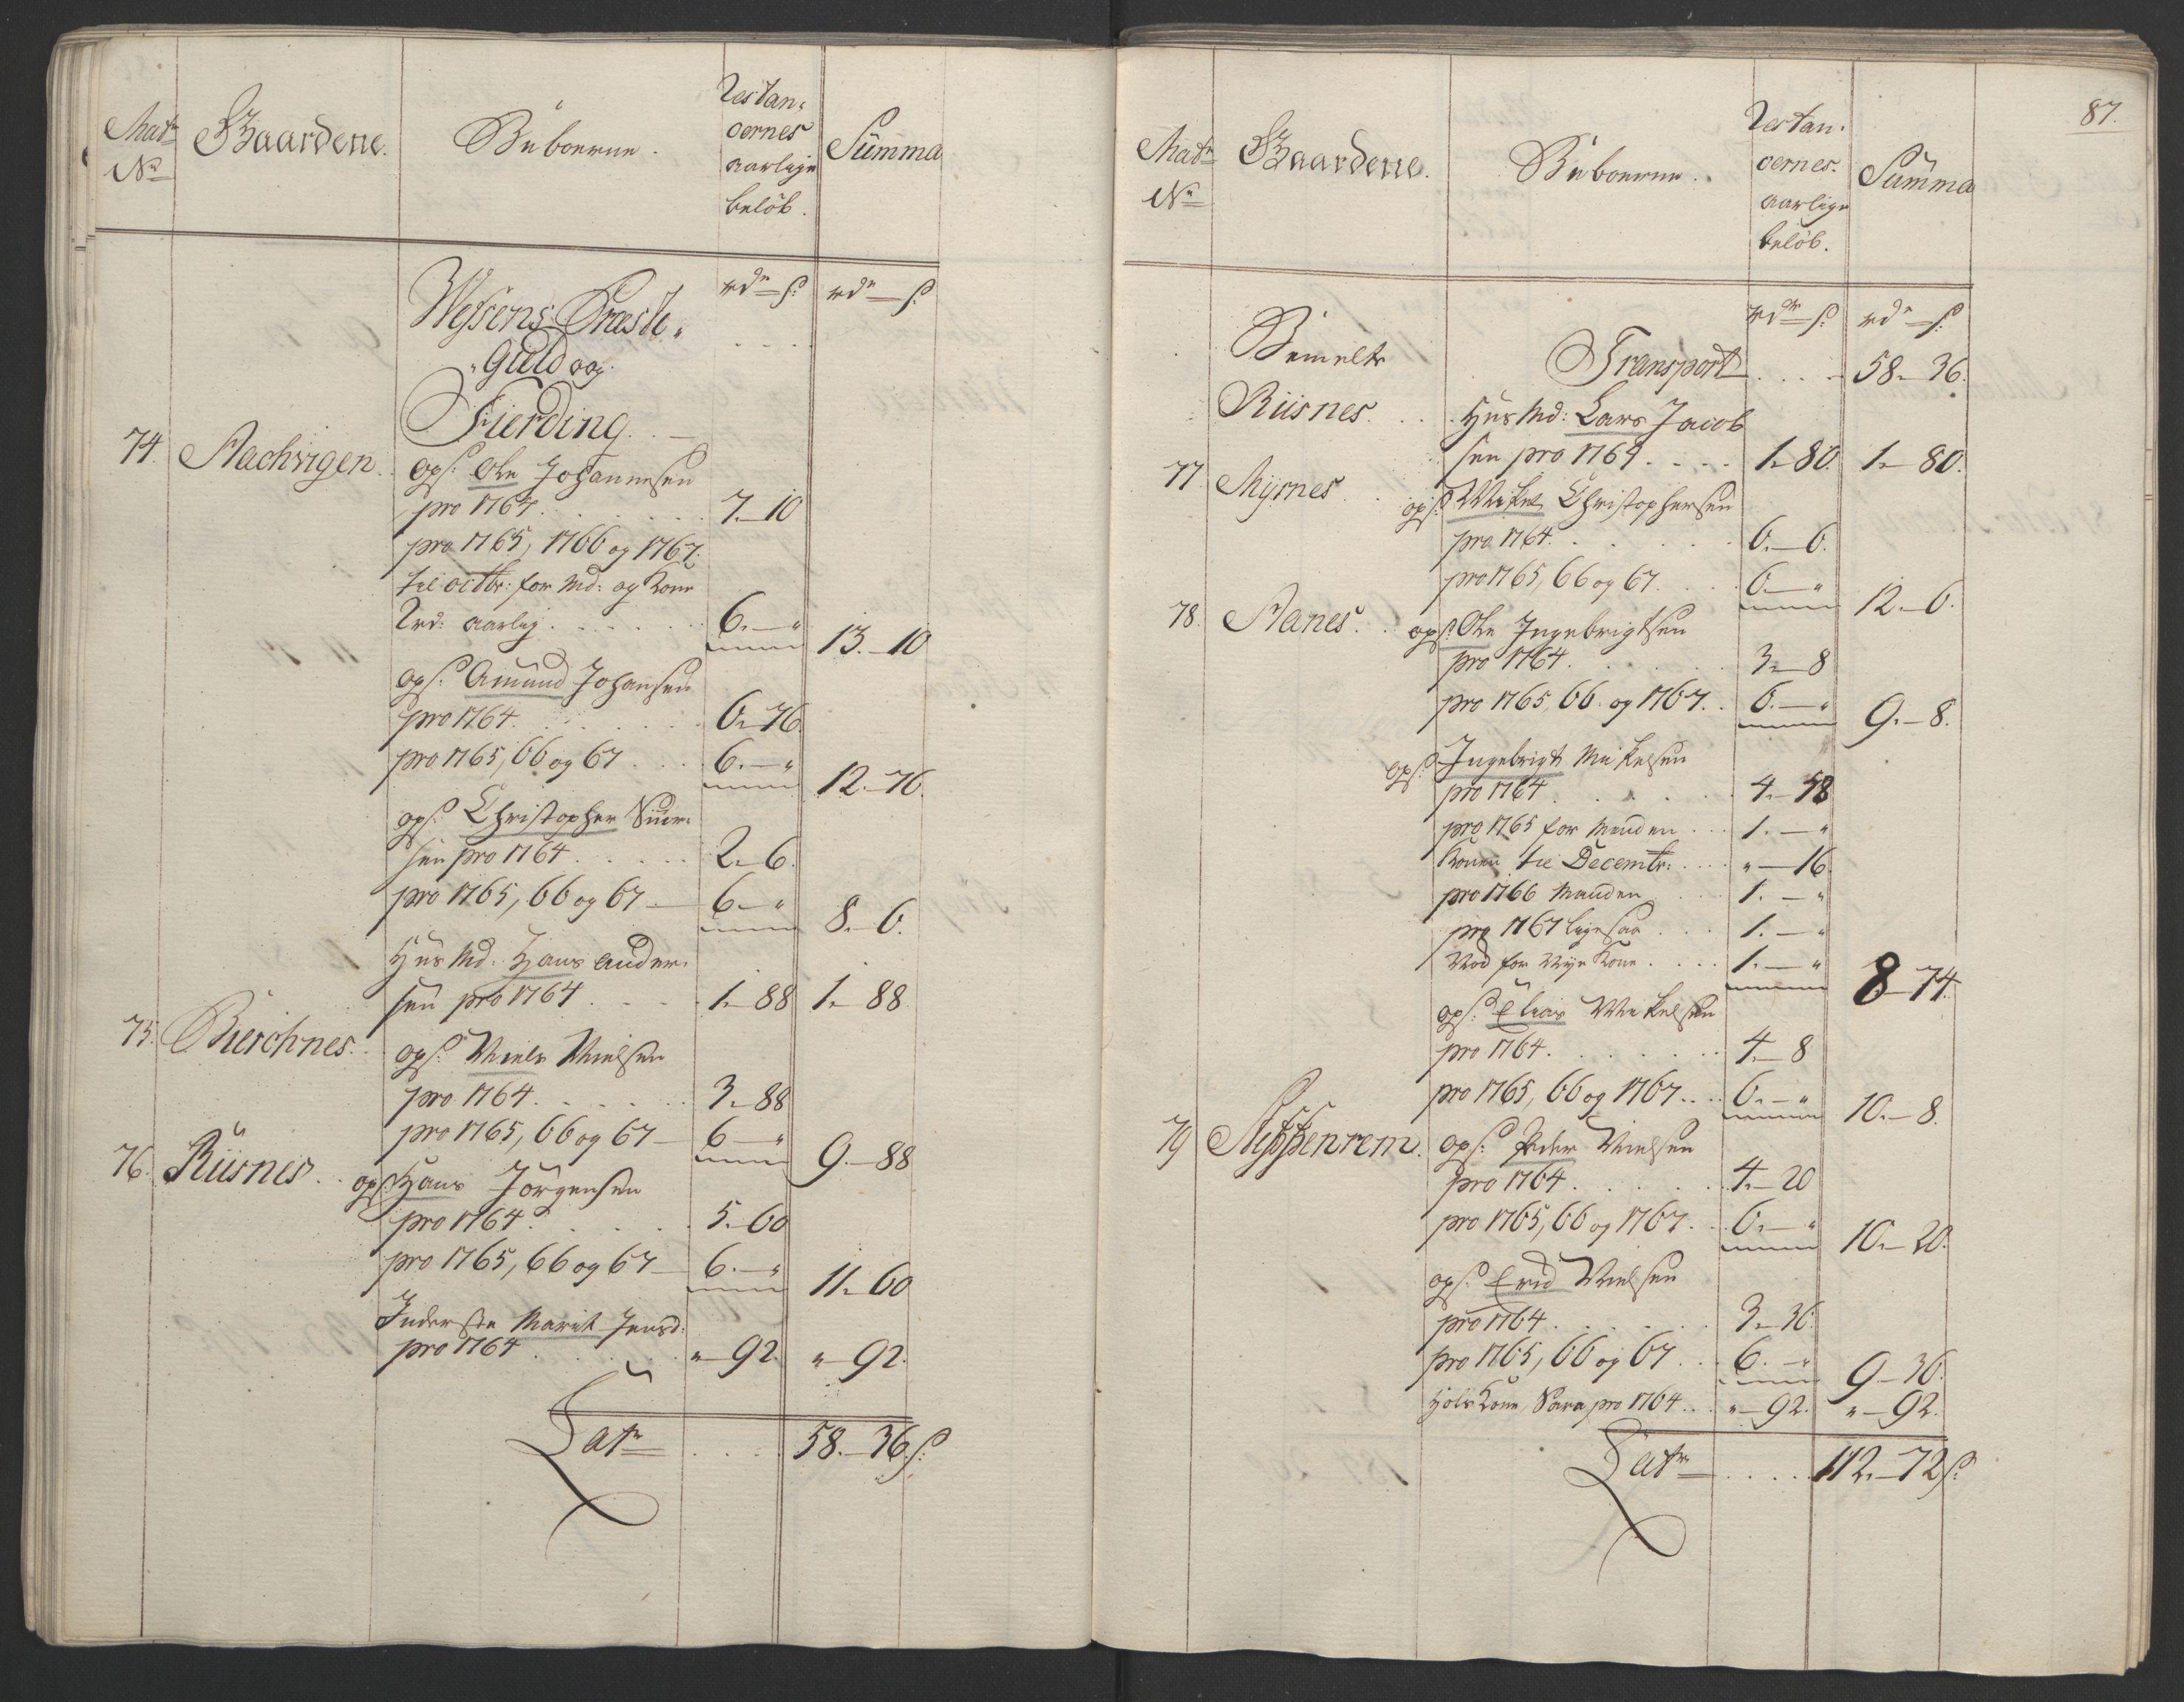 RA, Rentekammeret inntil 1814, Realistisk ordnet avdeling, Ol/L0023: [Gg 10]: Ekstraskatten, 23.09.1762. Helgeland (restanseregister), 1767-1772, s. 84